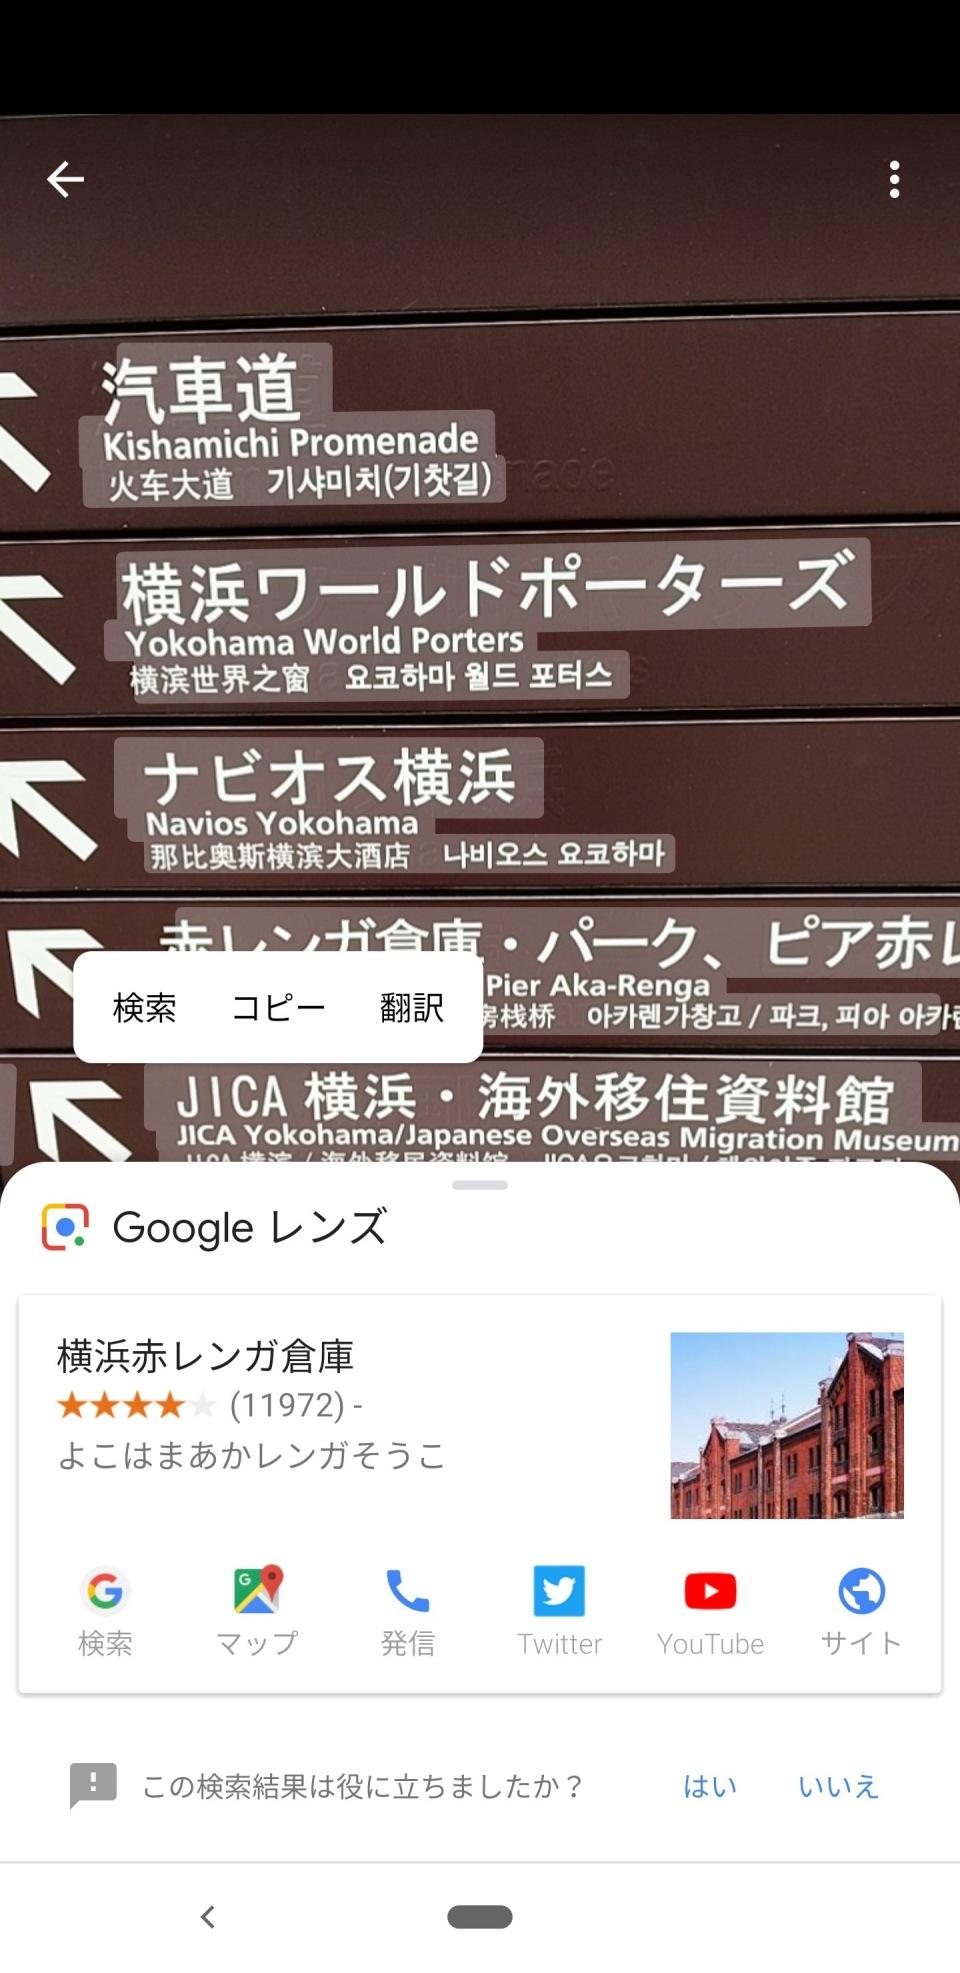 西田宗千佳のトレンドノート:最新スマホの「カメラ」が示す、「スマホの先にある未来」 5番目の画像